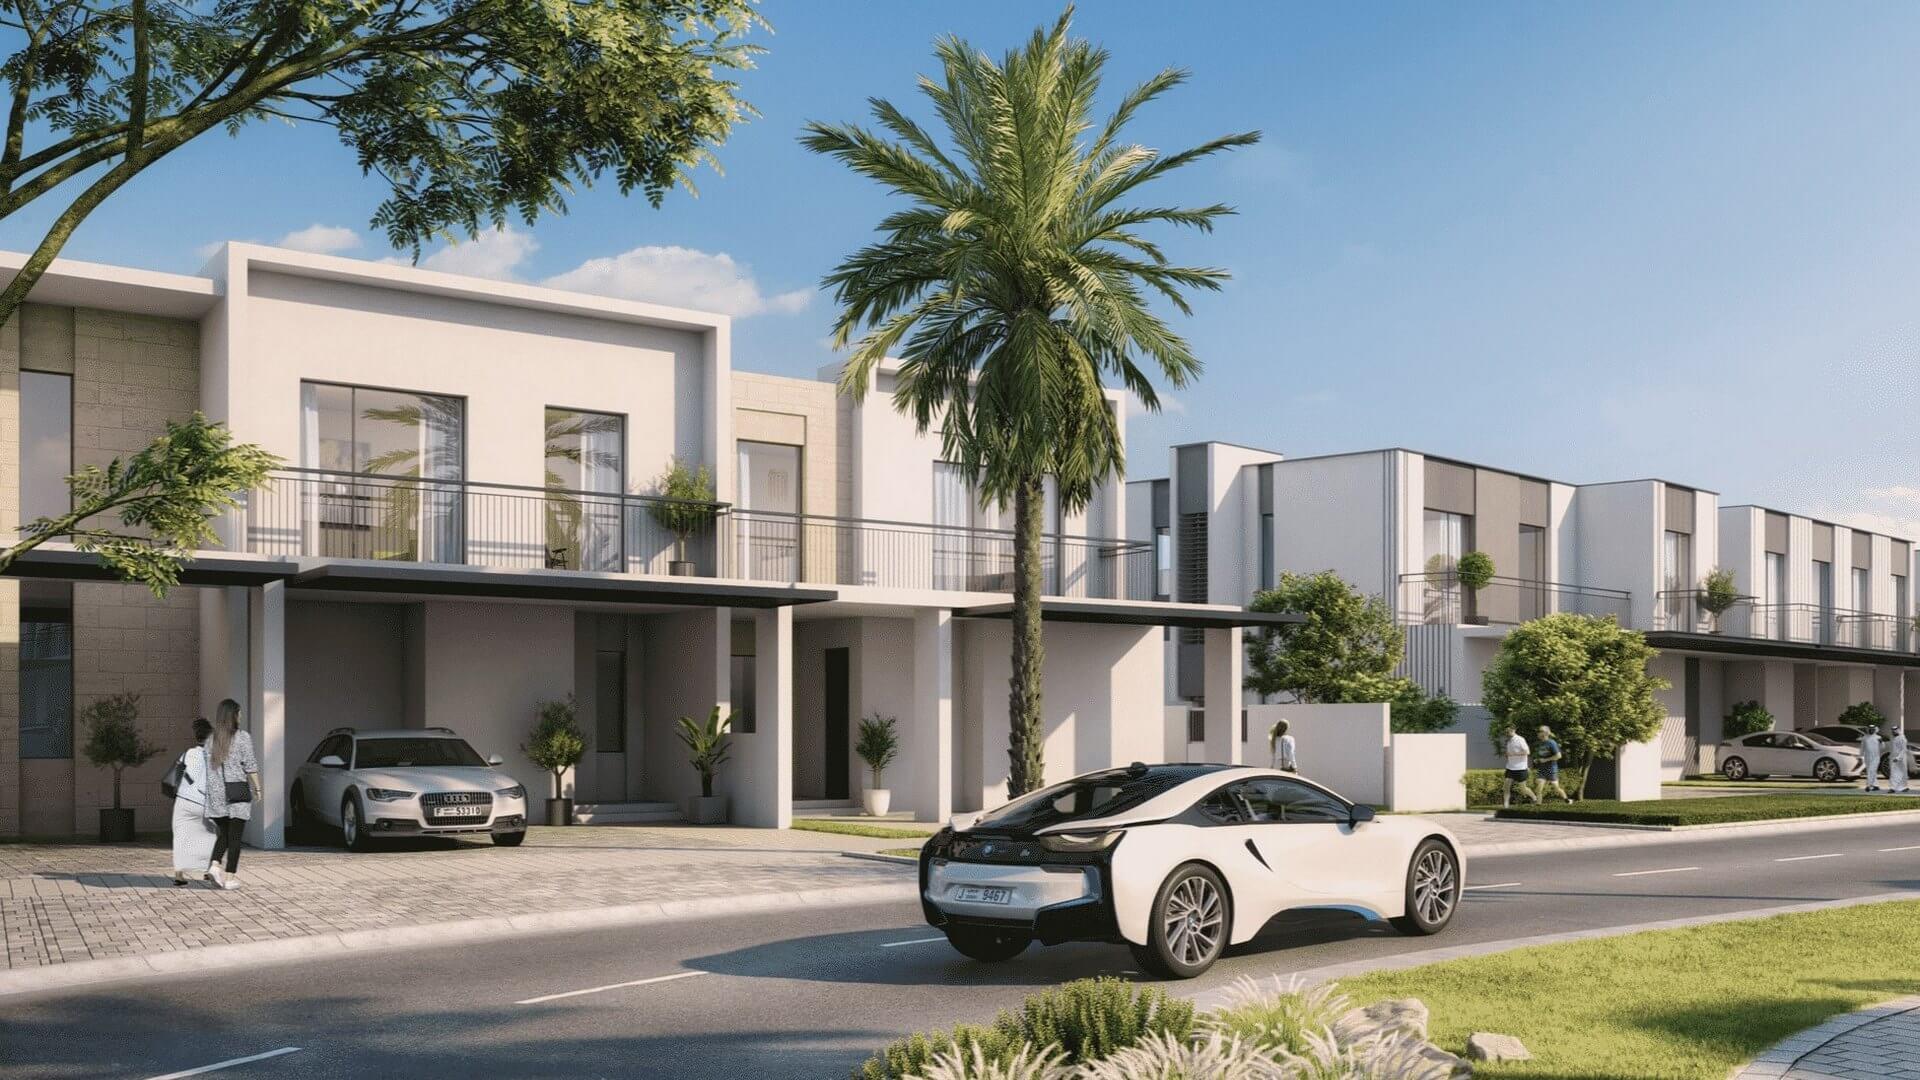 Villa en venta en Dubai, EAU, 3 dormitorios, 175 m2, № 24048 – foto 2